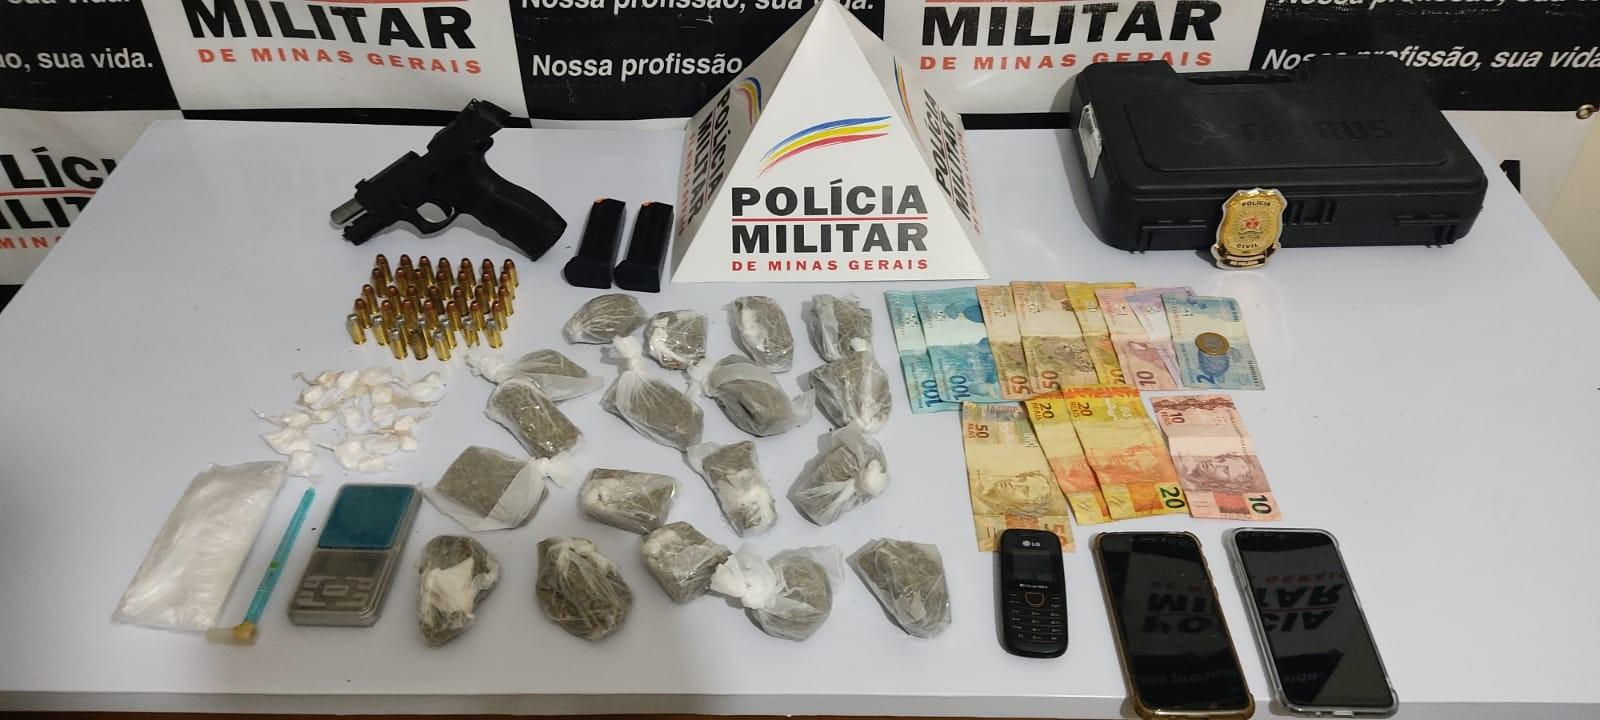 Irmão são presos com arma e drogas durante operação em Lajinha